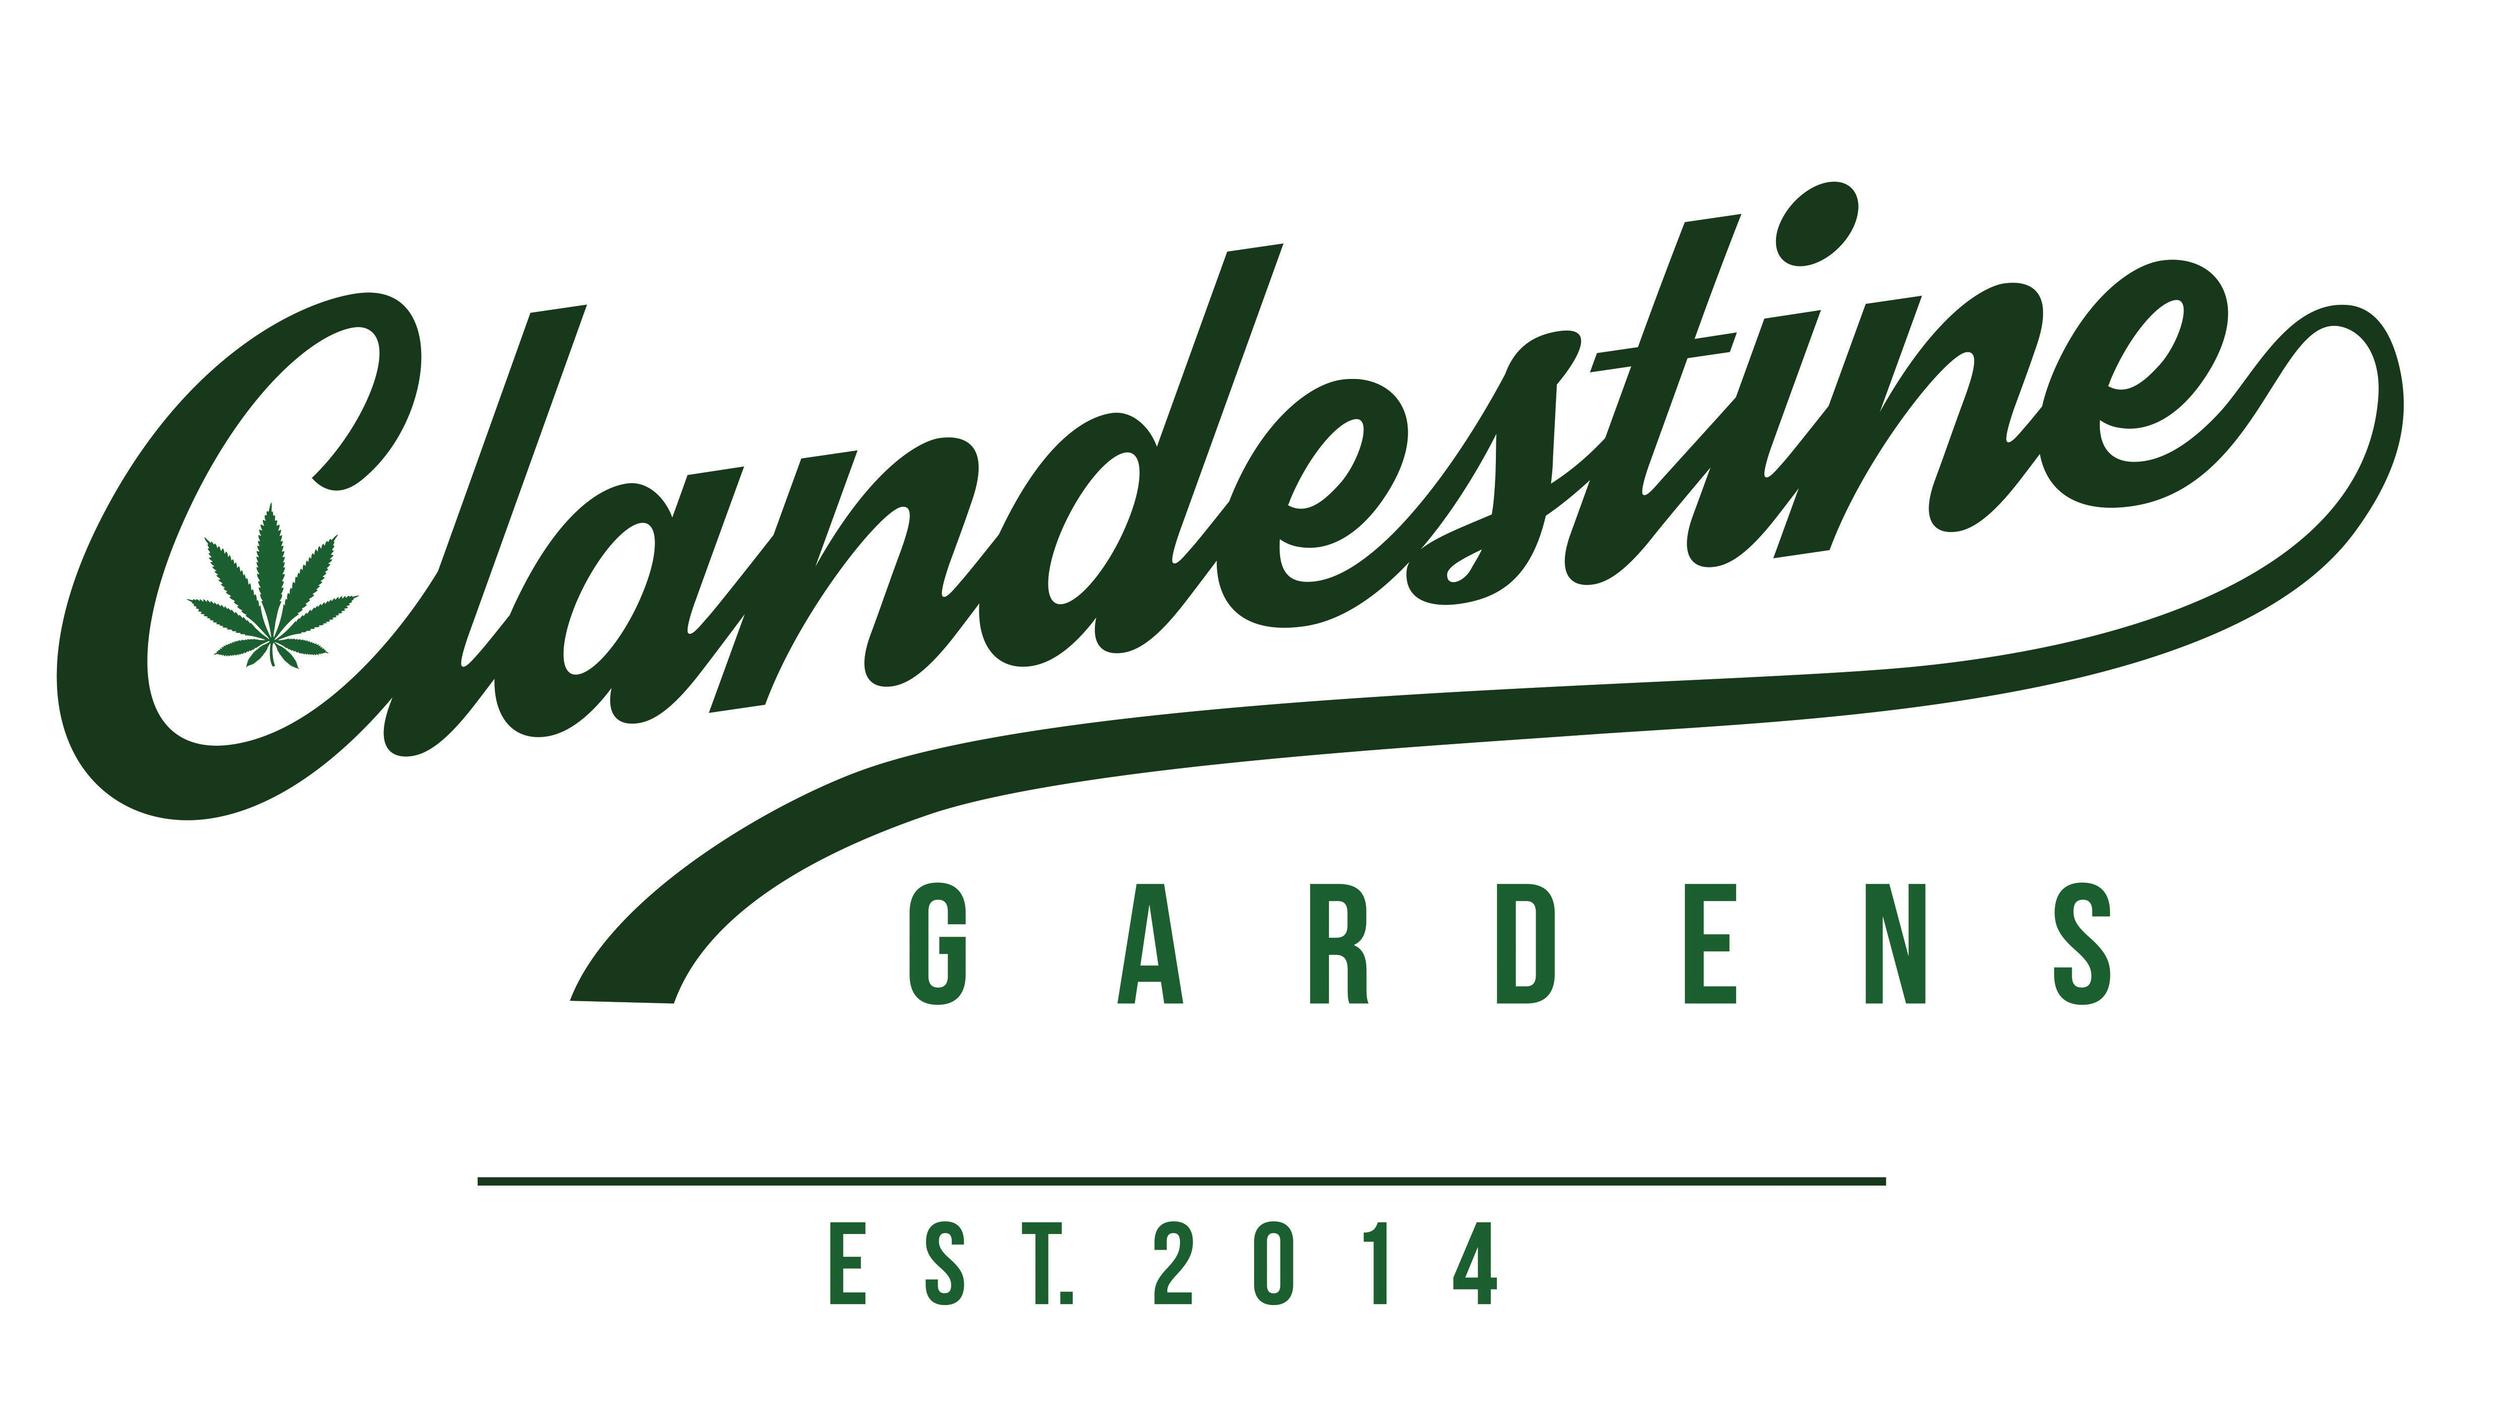 clandestine-gardens.png